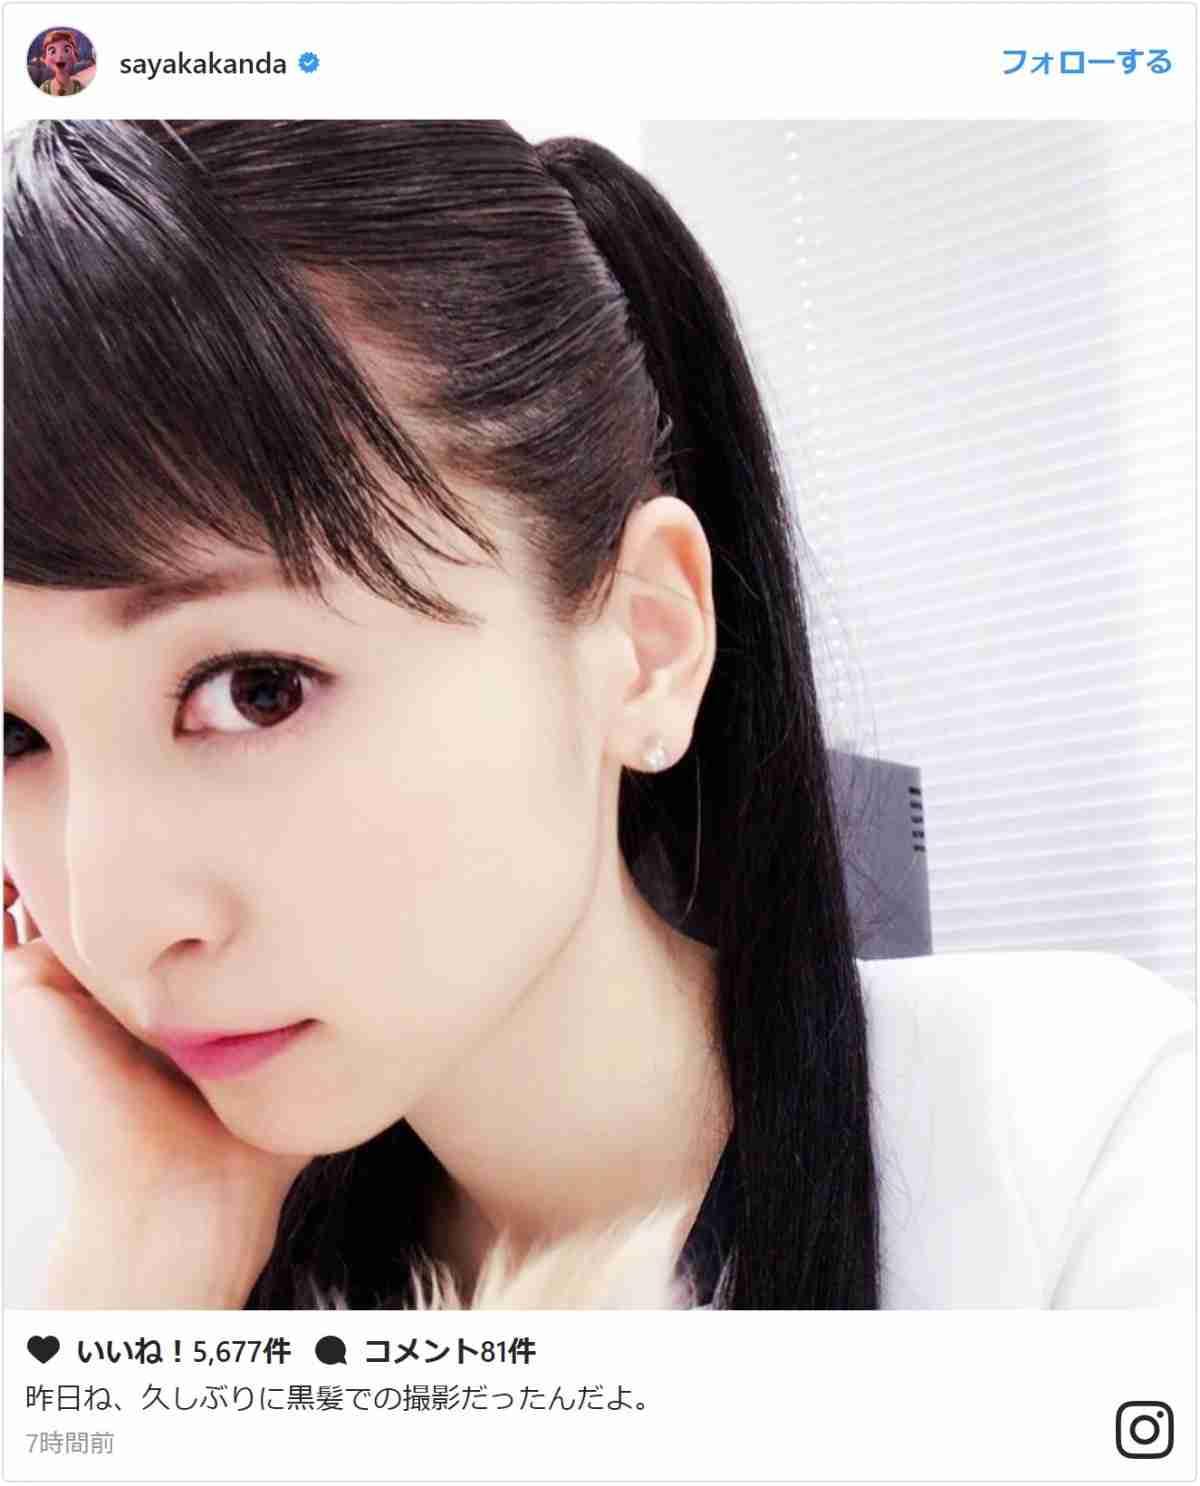 聖子ちゃんかと思った!神田沙也加の黒髪姿が「お母さんそっくり」と話題 - シネマトゥデイ